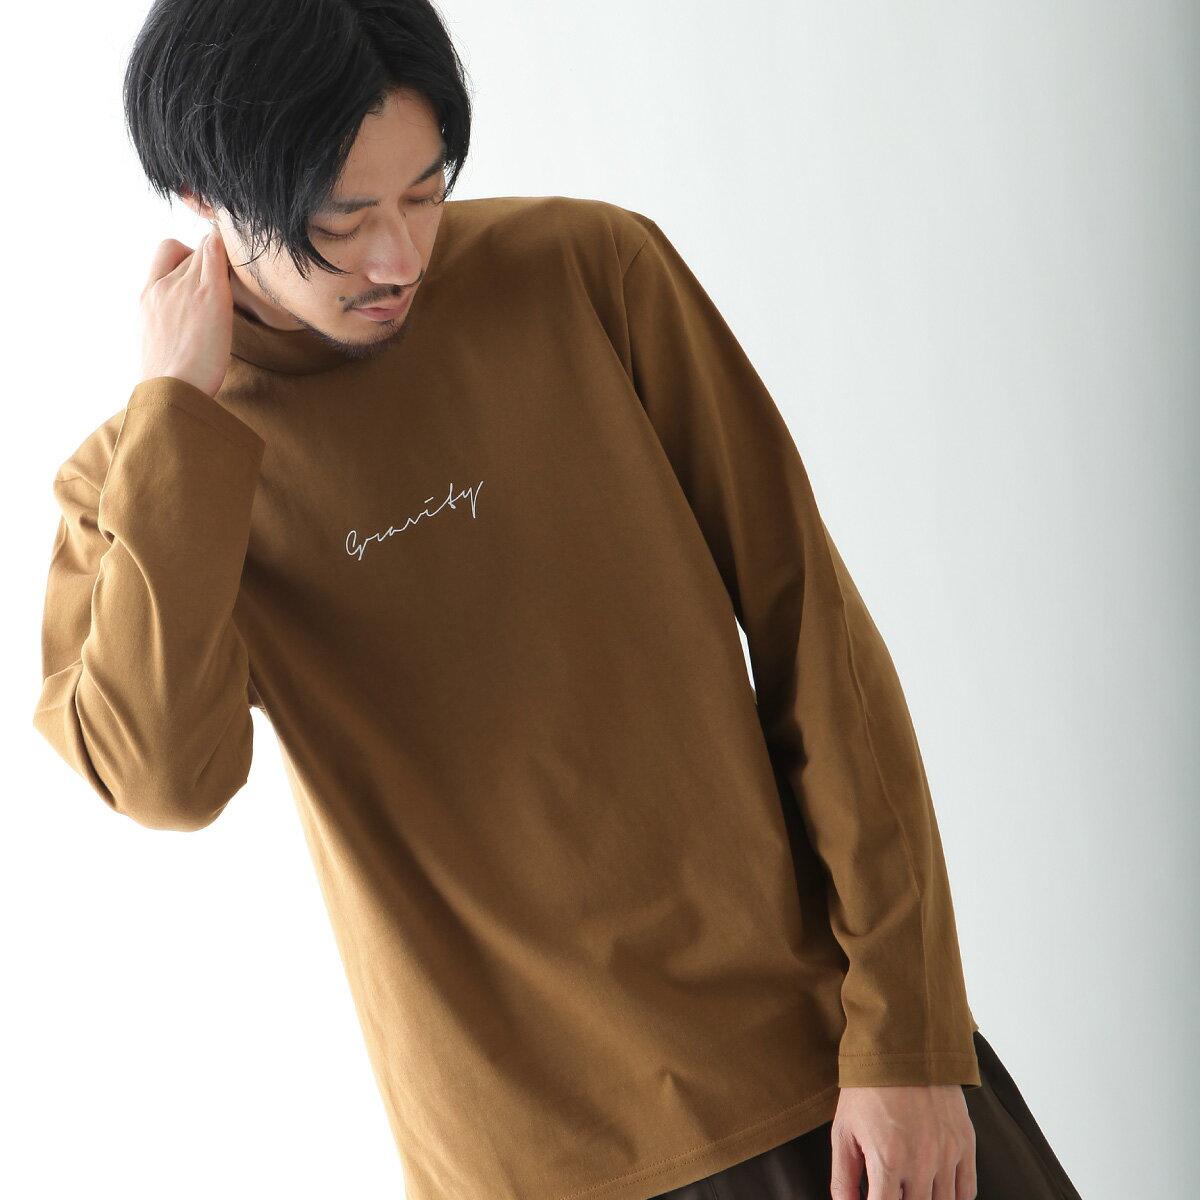 【現貨】微高領長袖T恤 LOGO設計 1